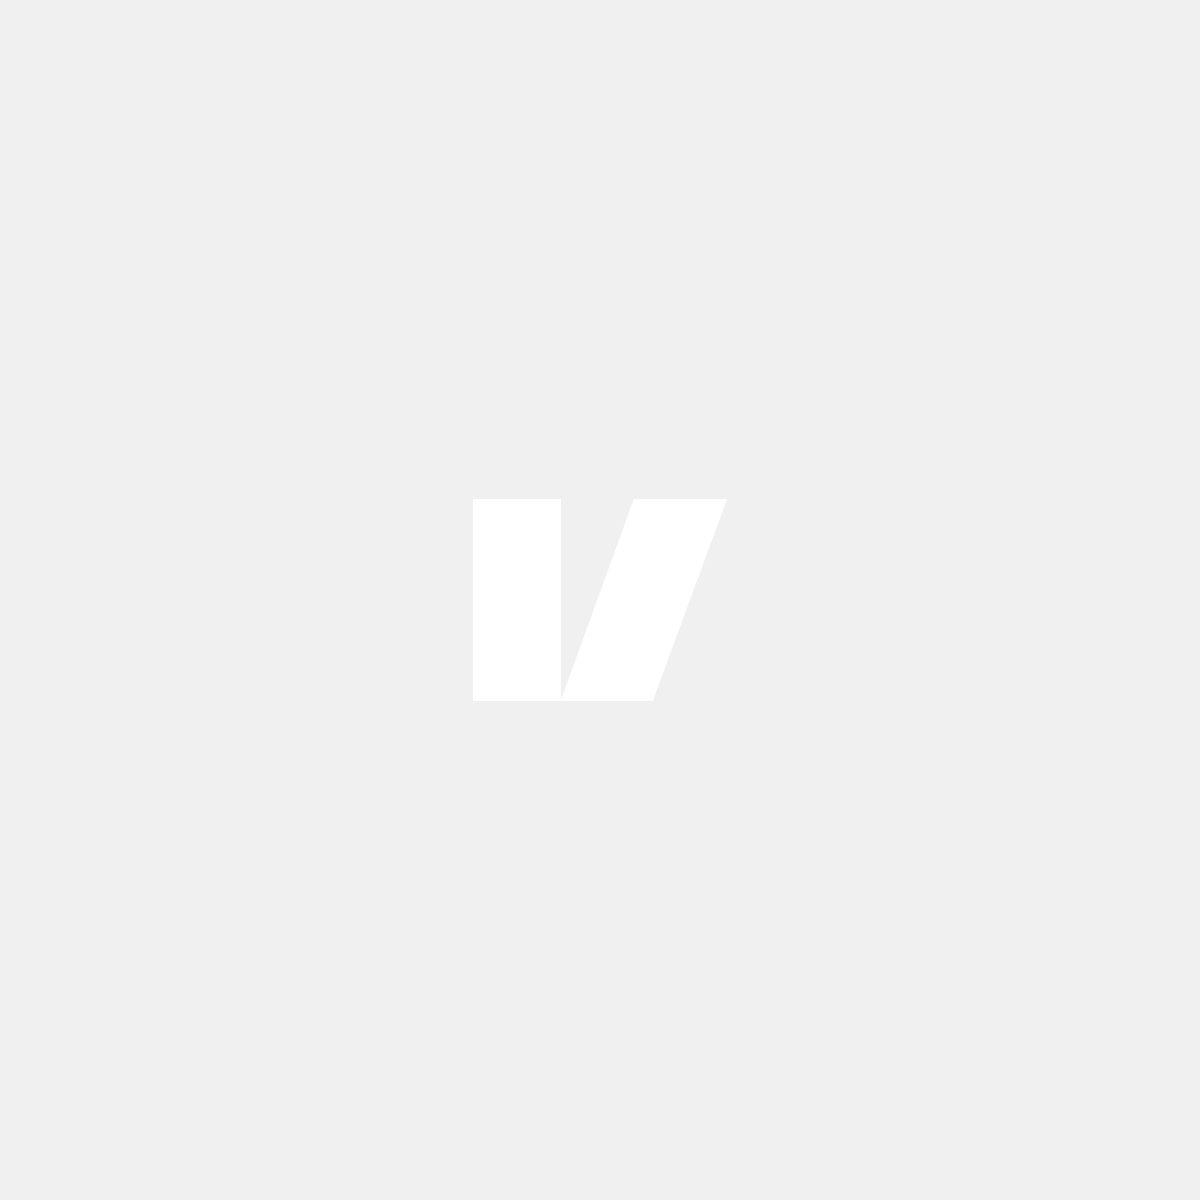 SKF Hjullager/hjulnav bak till Volvo XC60 AWD